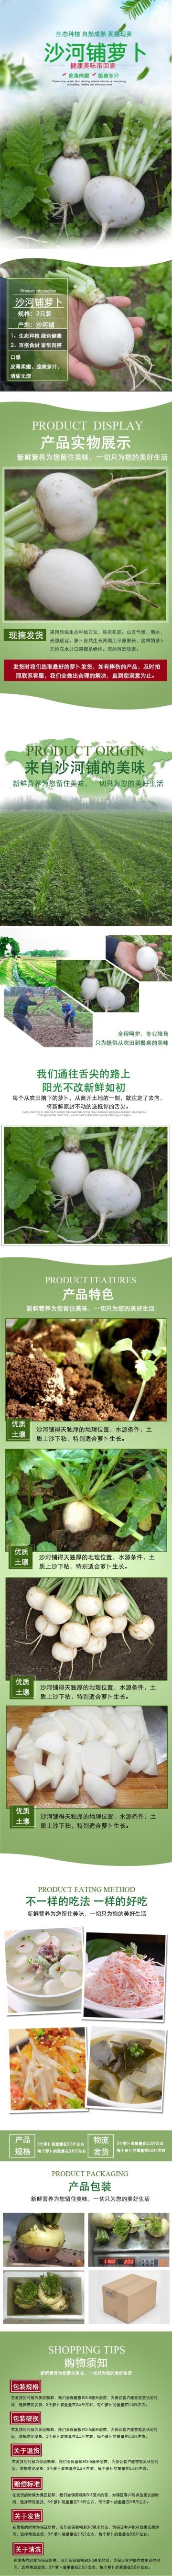 绿色清新文艺生鲜果蔬萝卜电商宣传营销宝贝详情